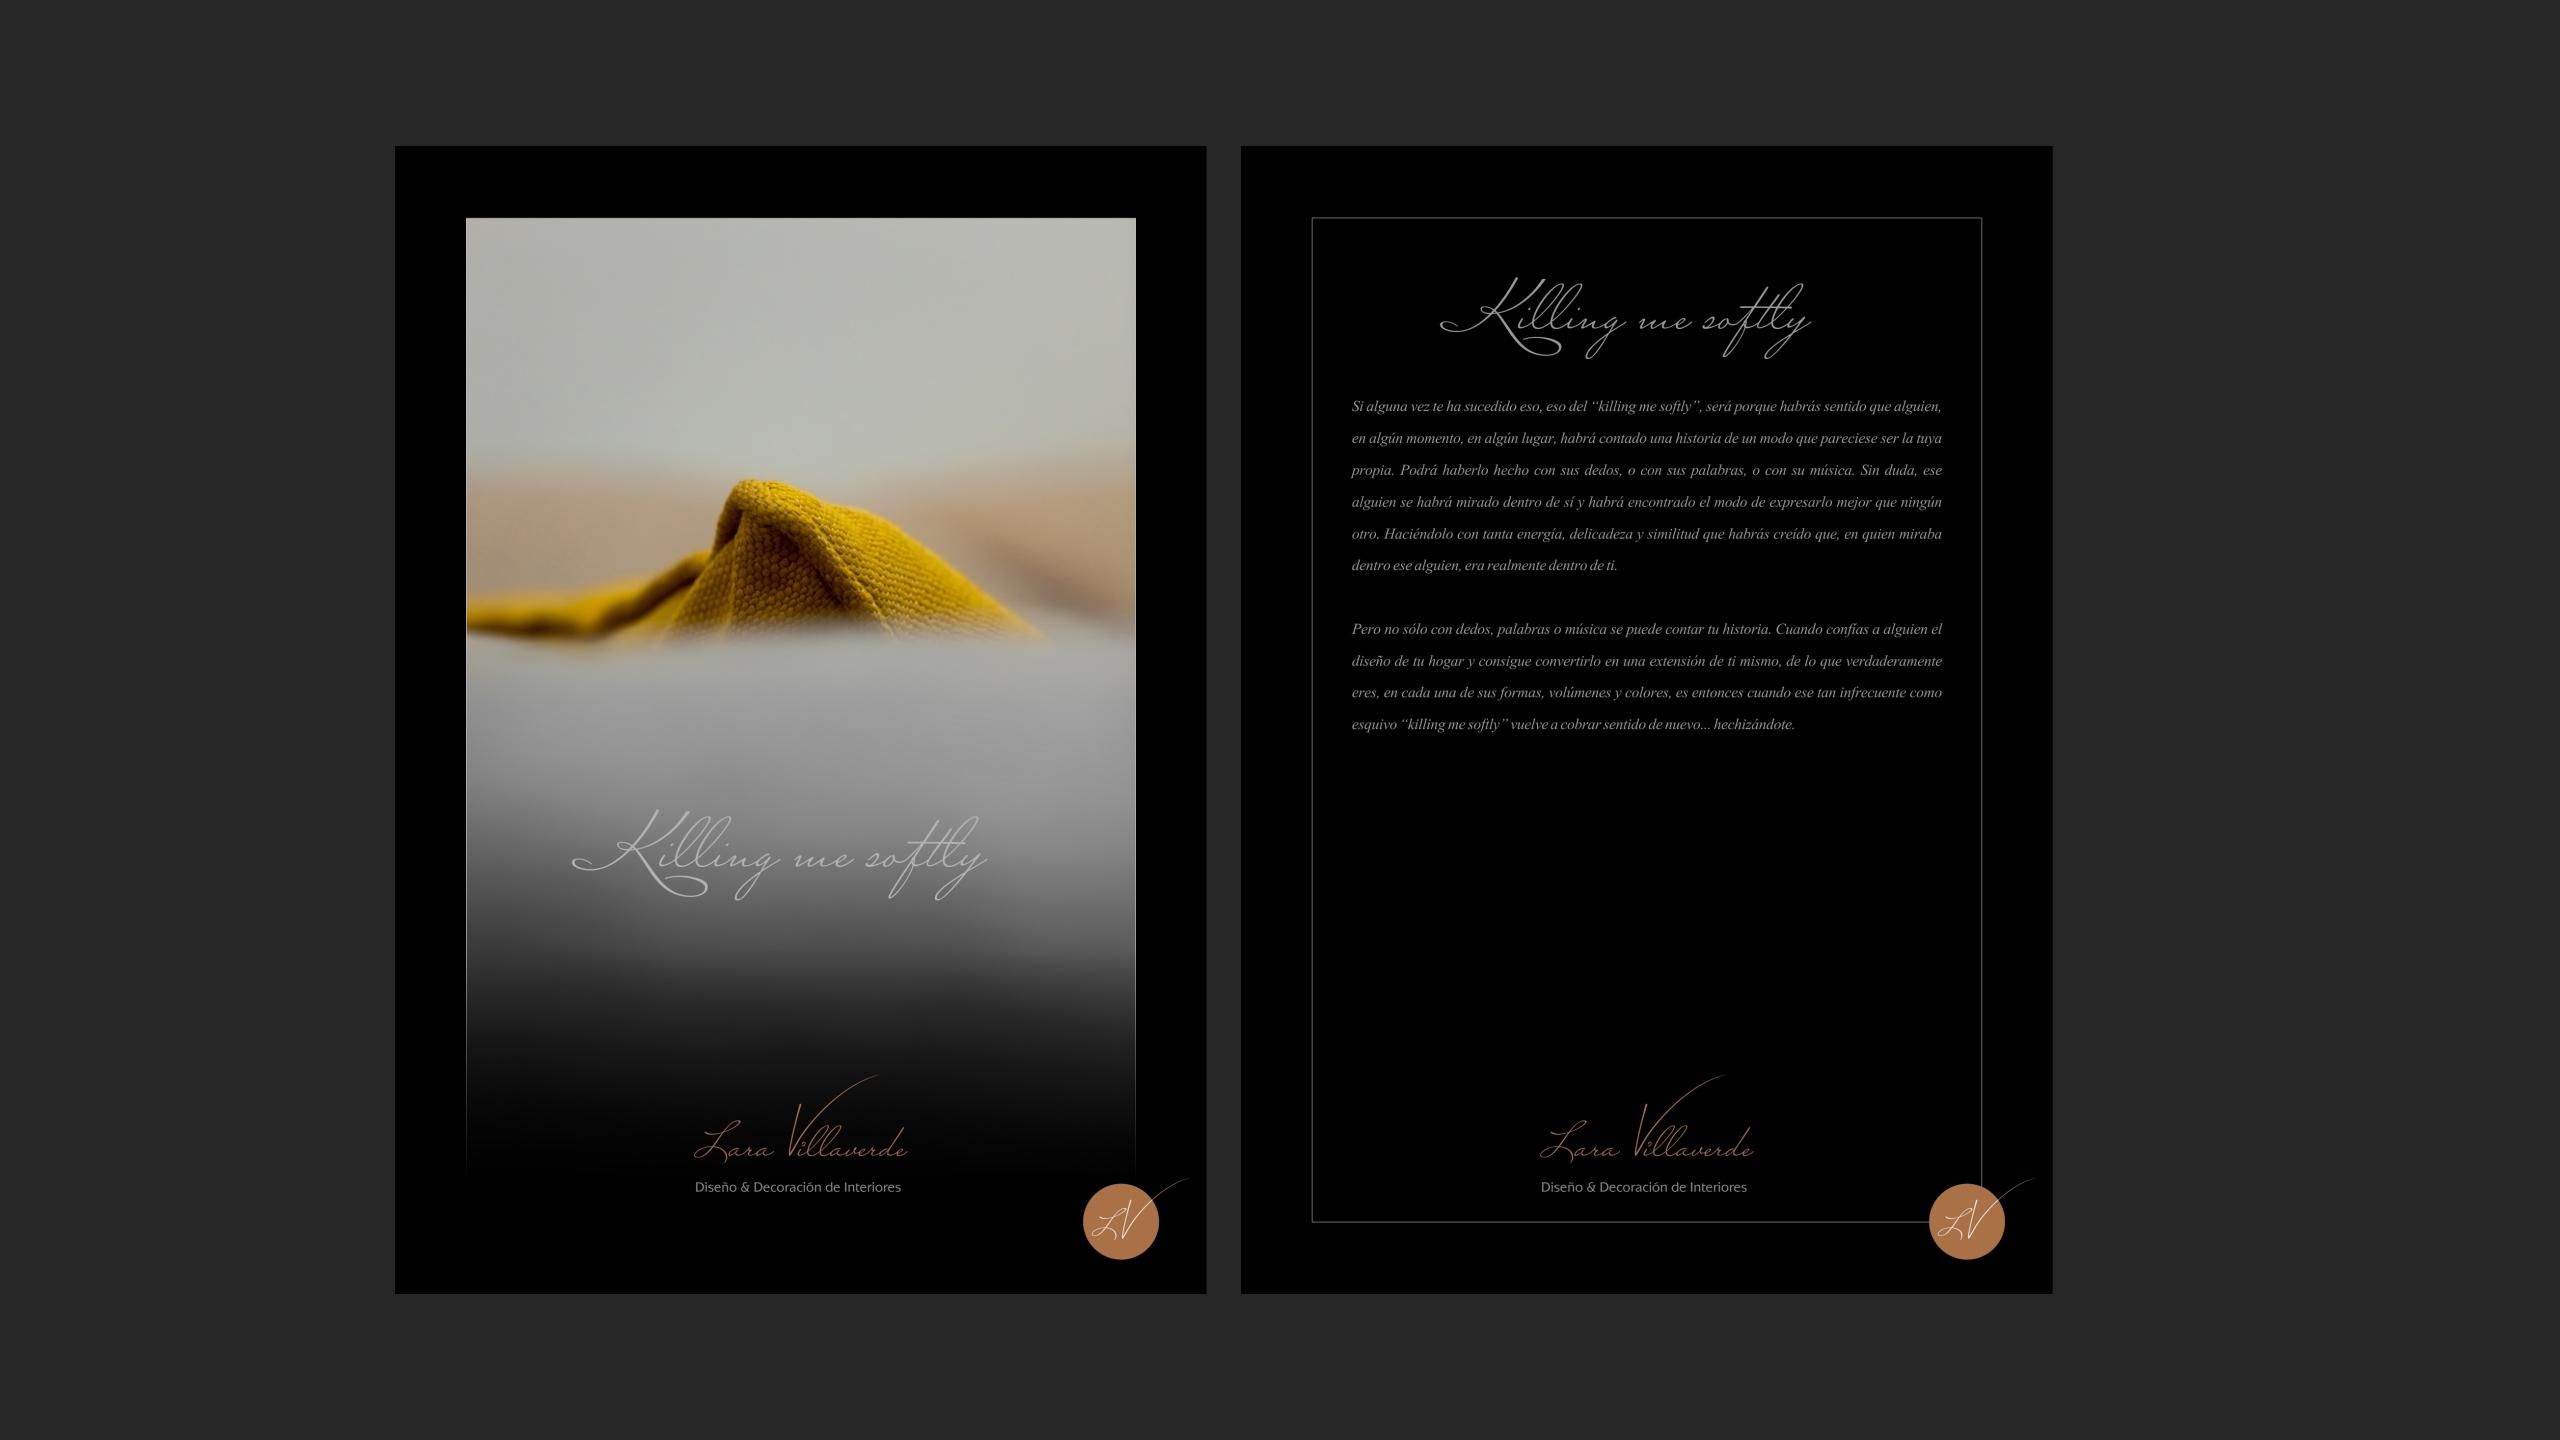 Diseño catalogo promocional Lara Villaverde 1